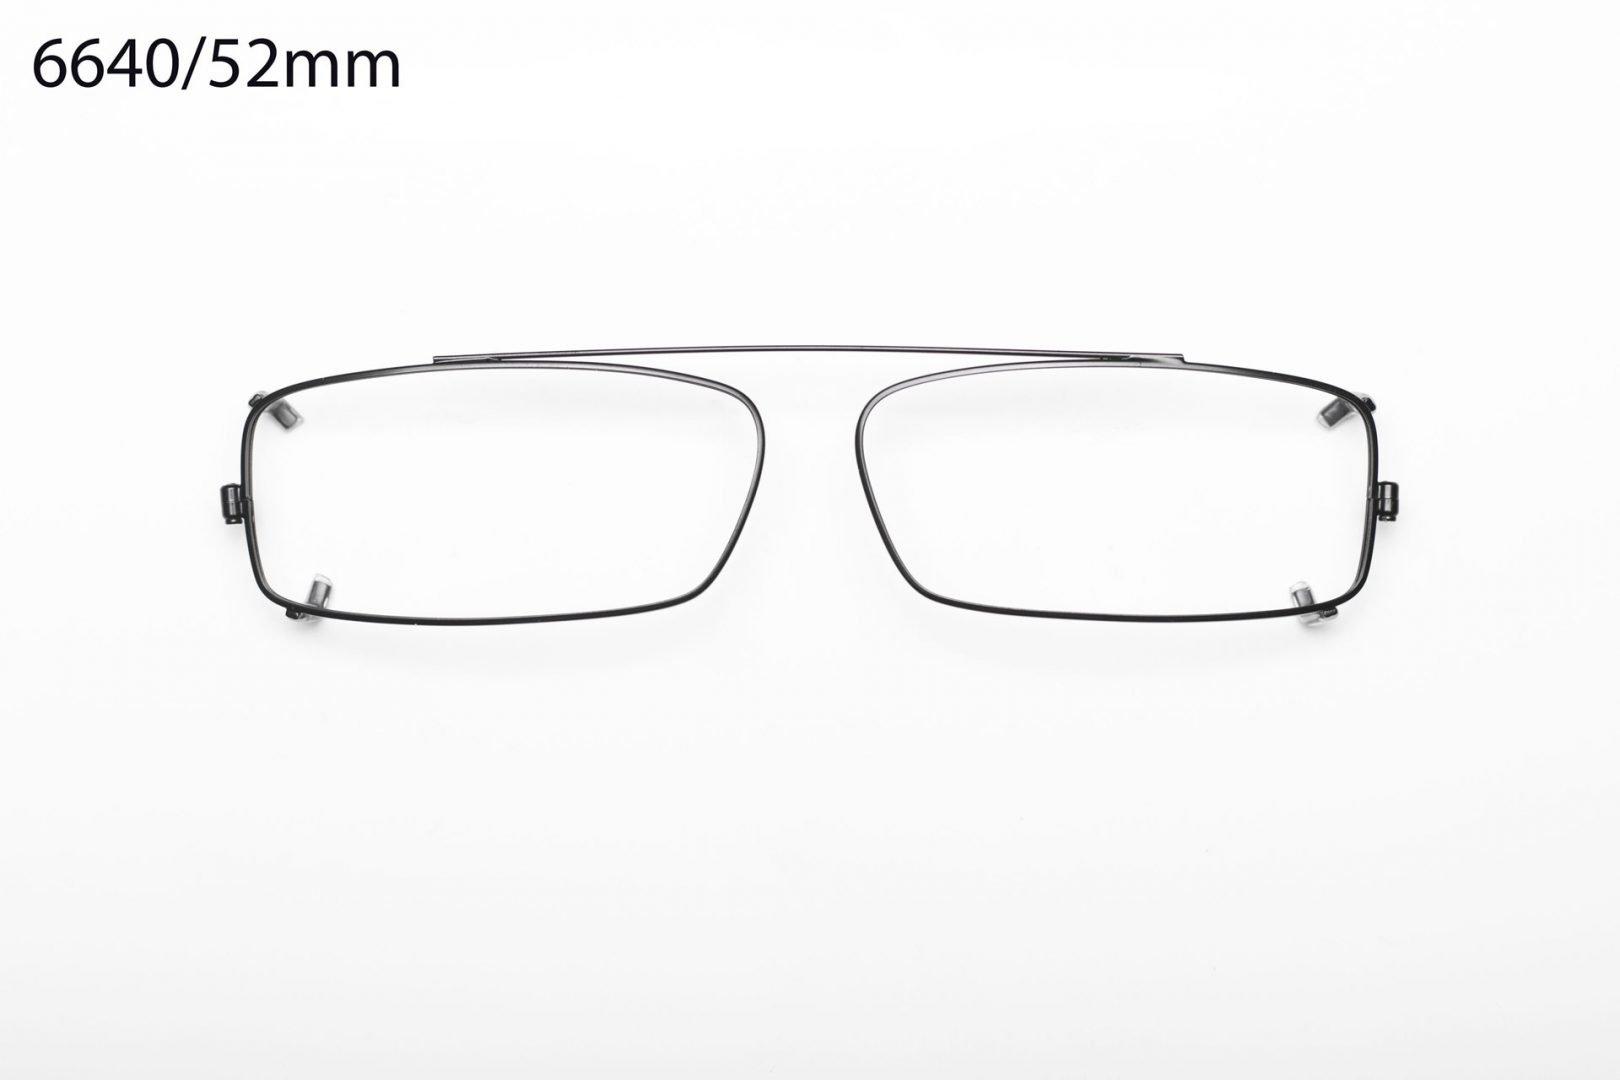 Modèle A57-664052mm